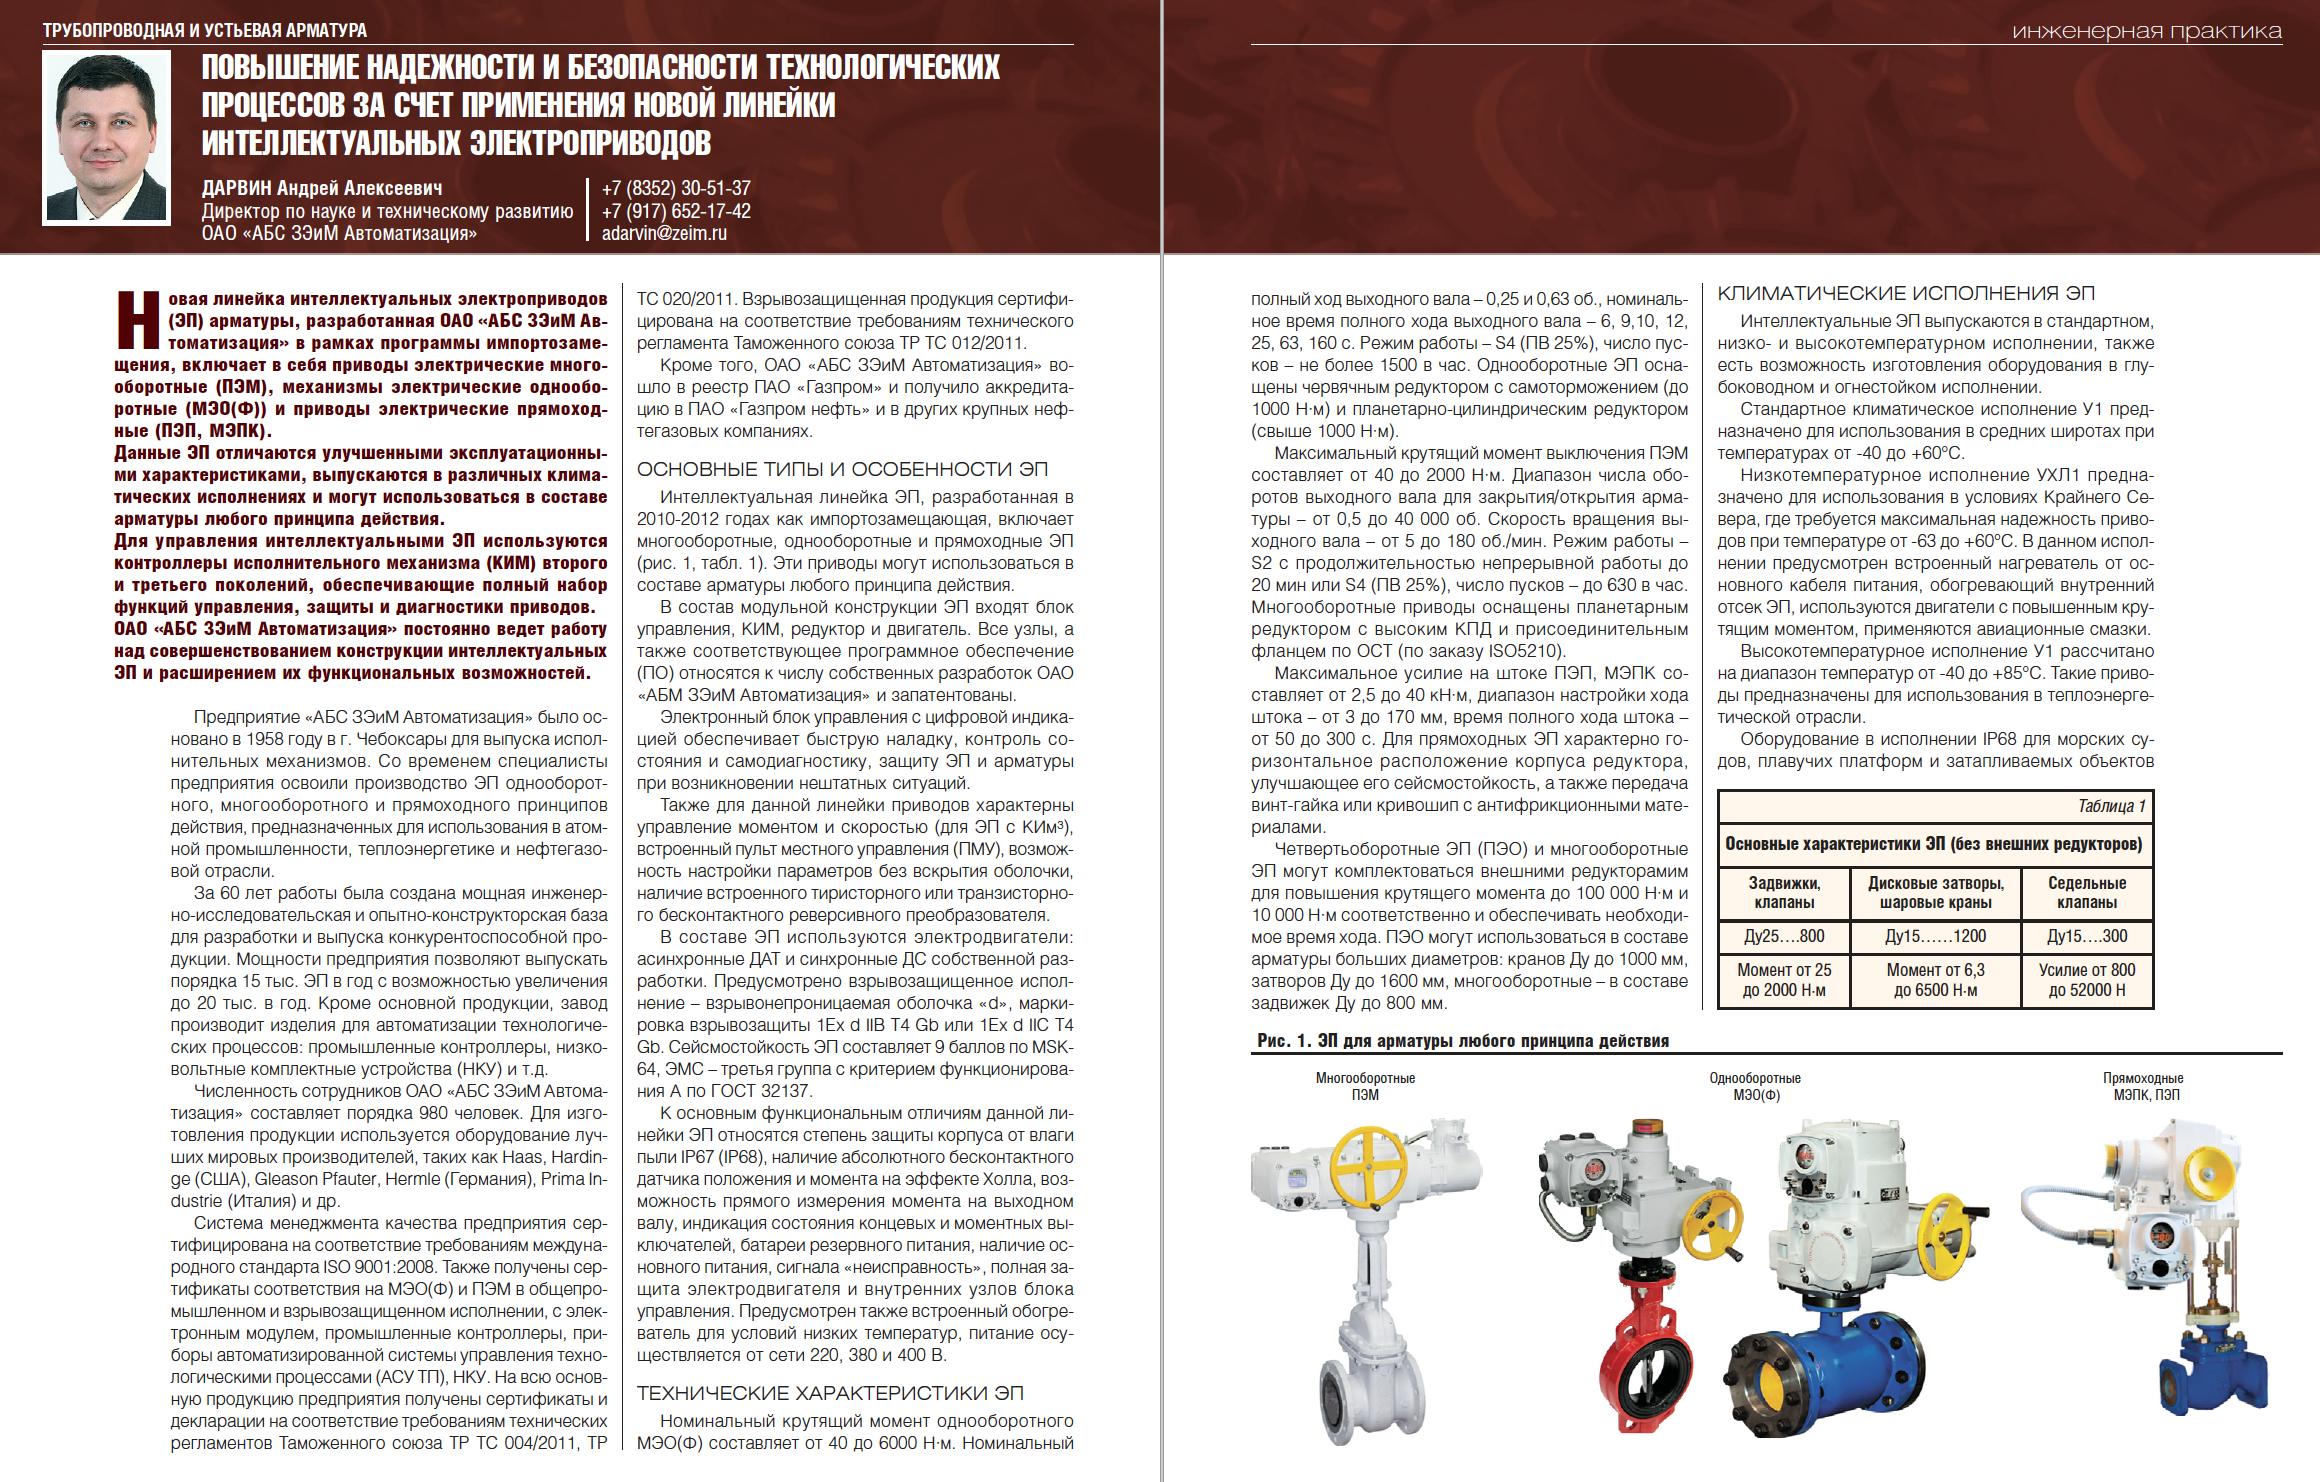 30066 Повышение надежности и безопасности технологических процессов за счет применения новой линейки интеллектуальных электроприводов